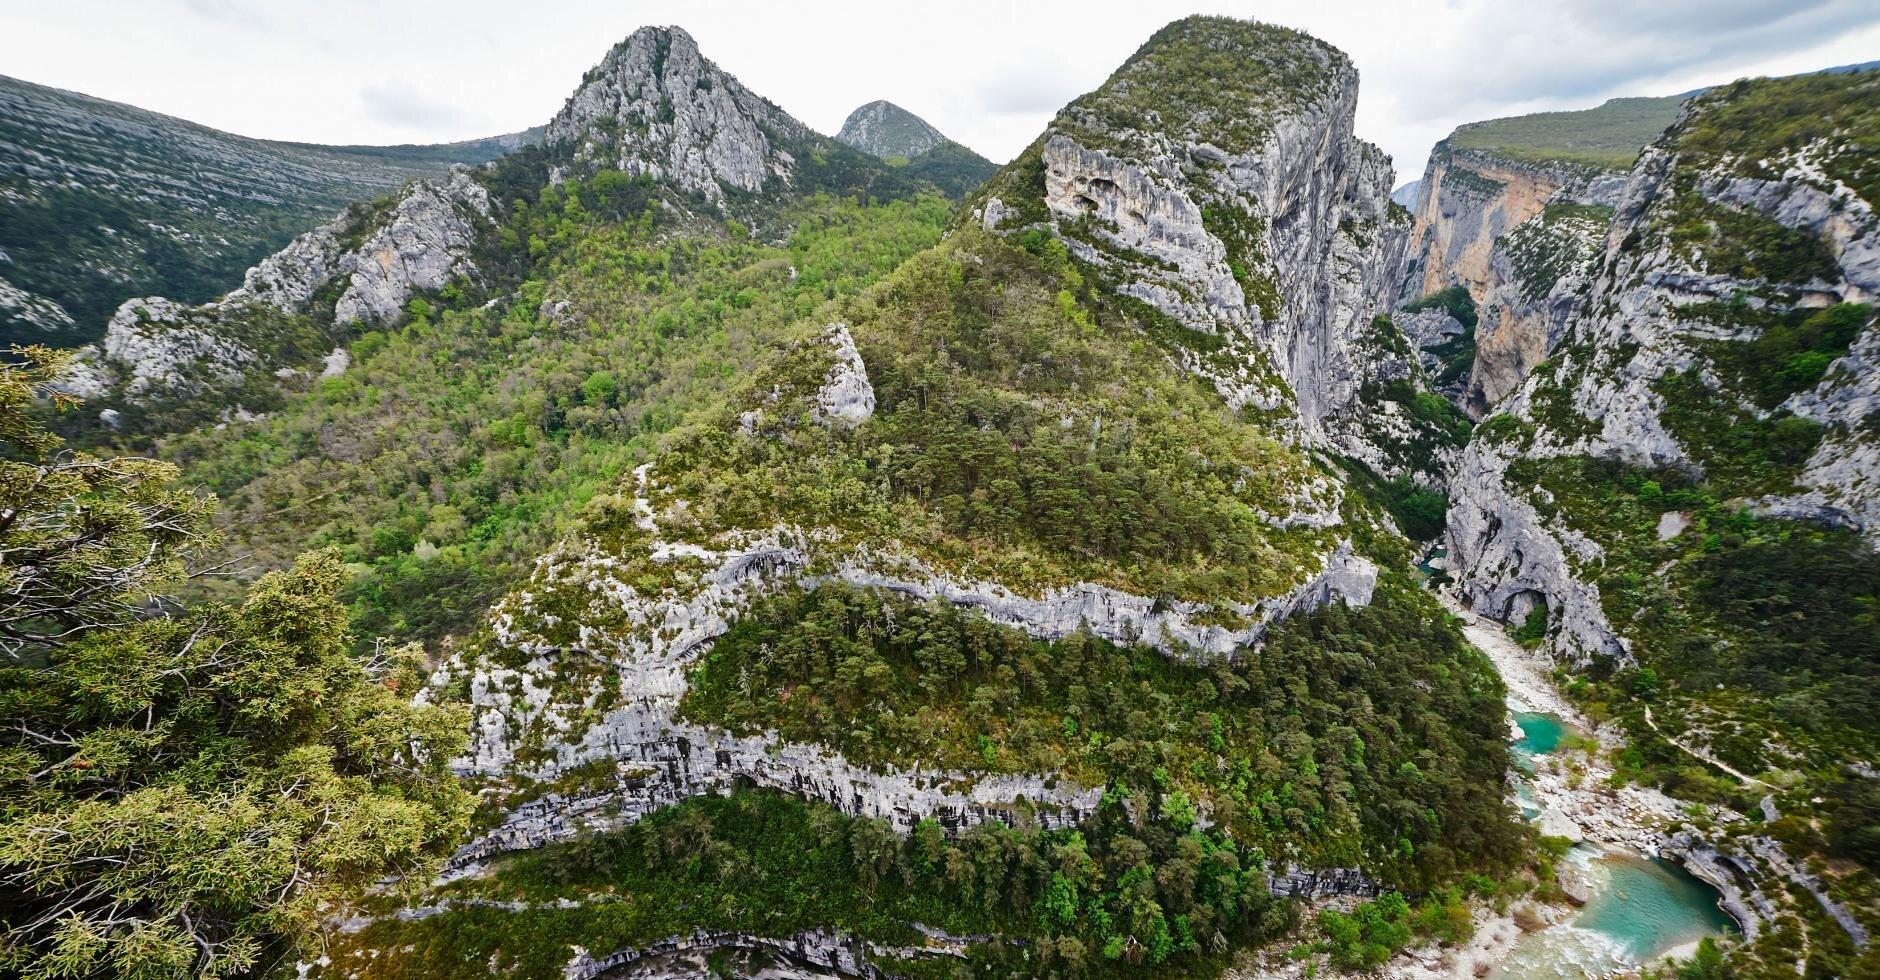 Klettersteig Verdon : Die schlucht von verdon bergwelten